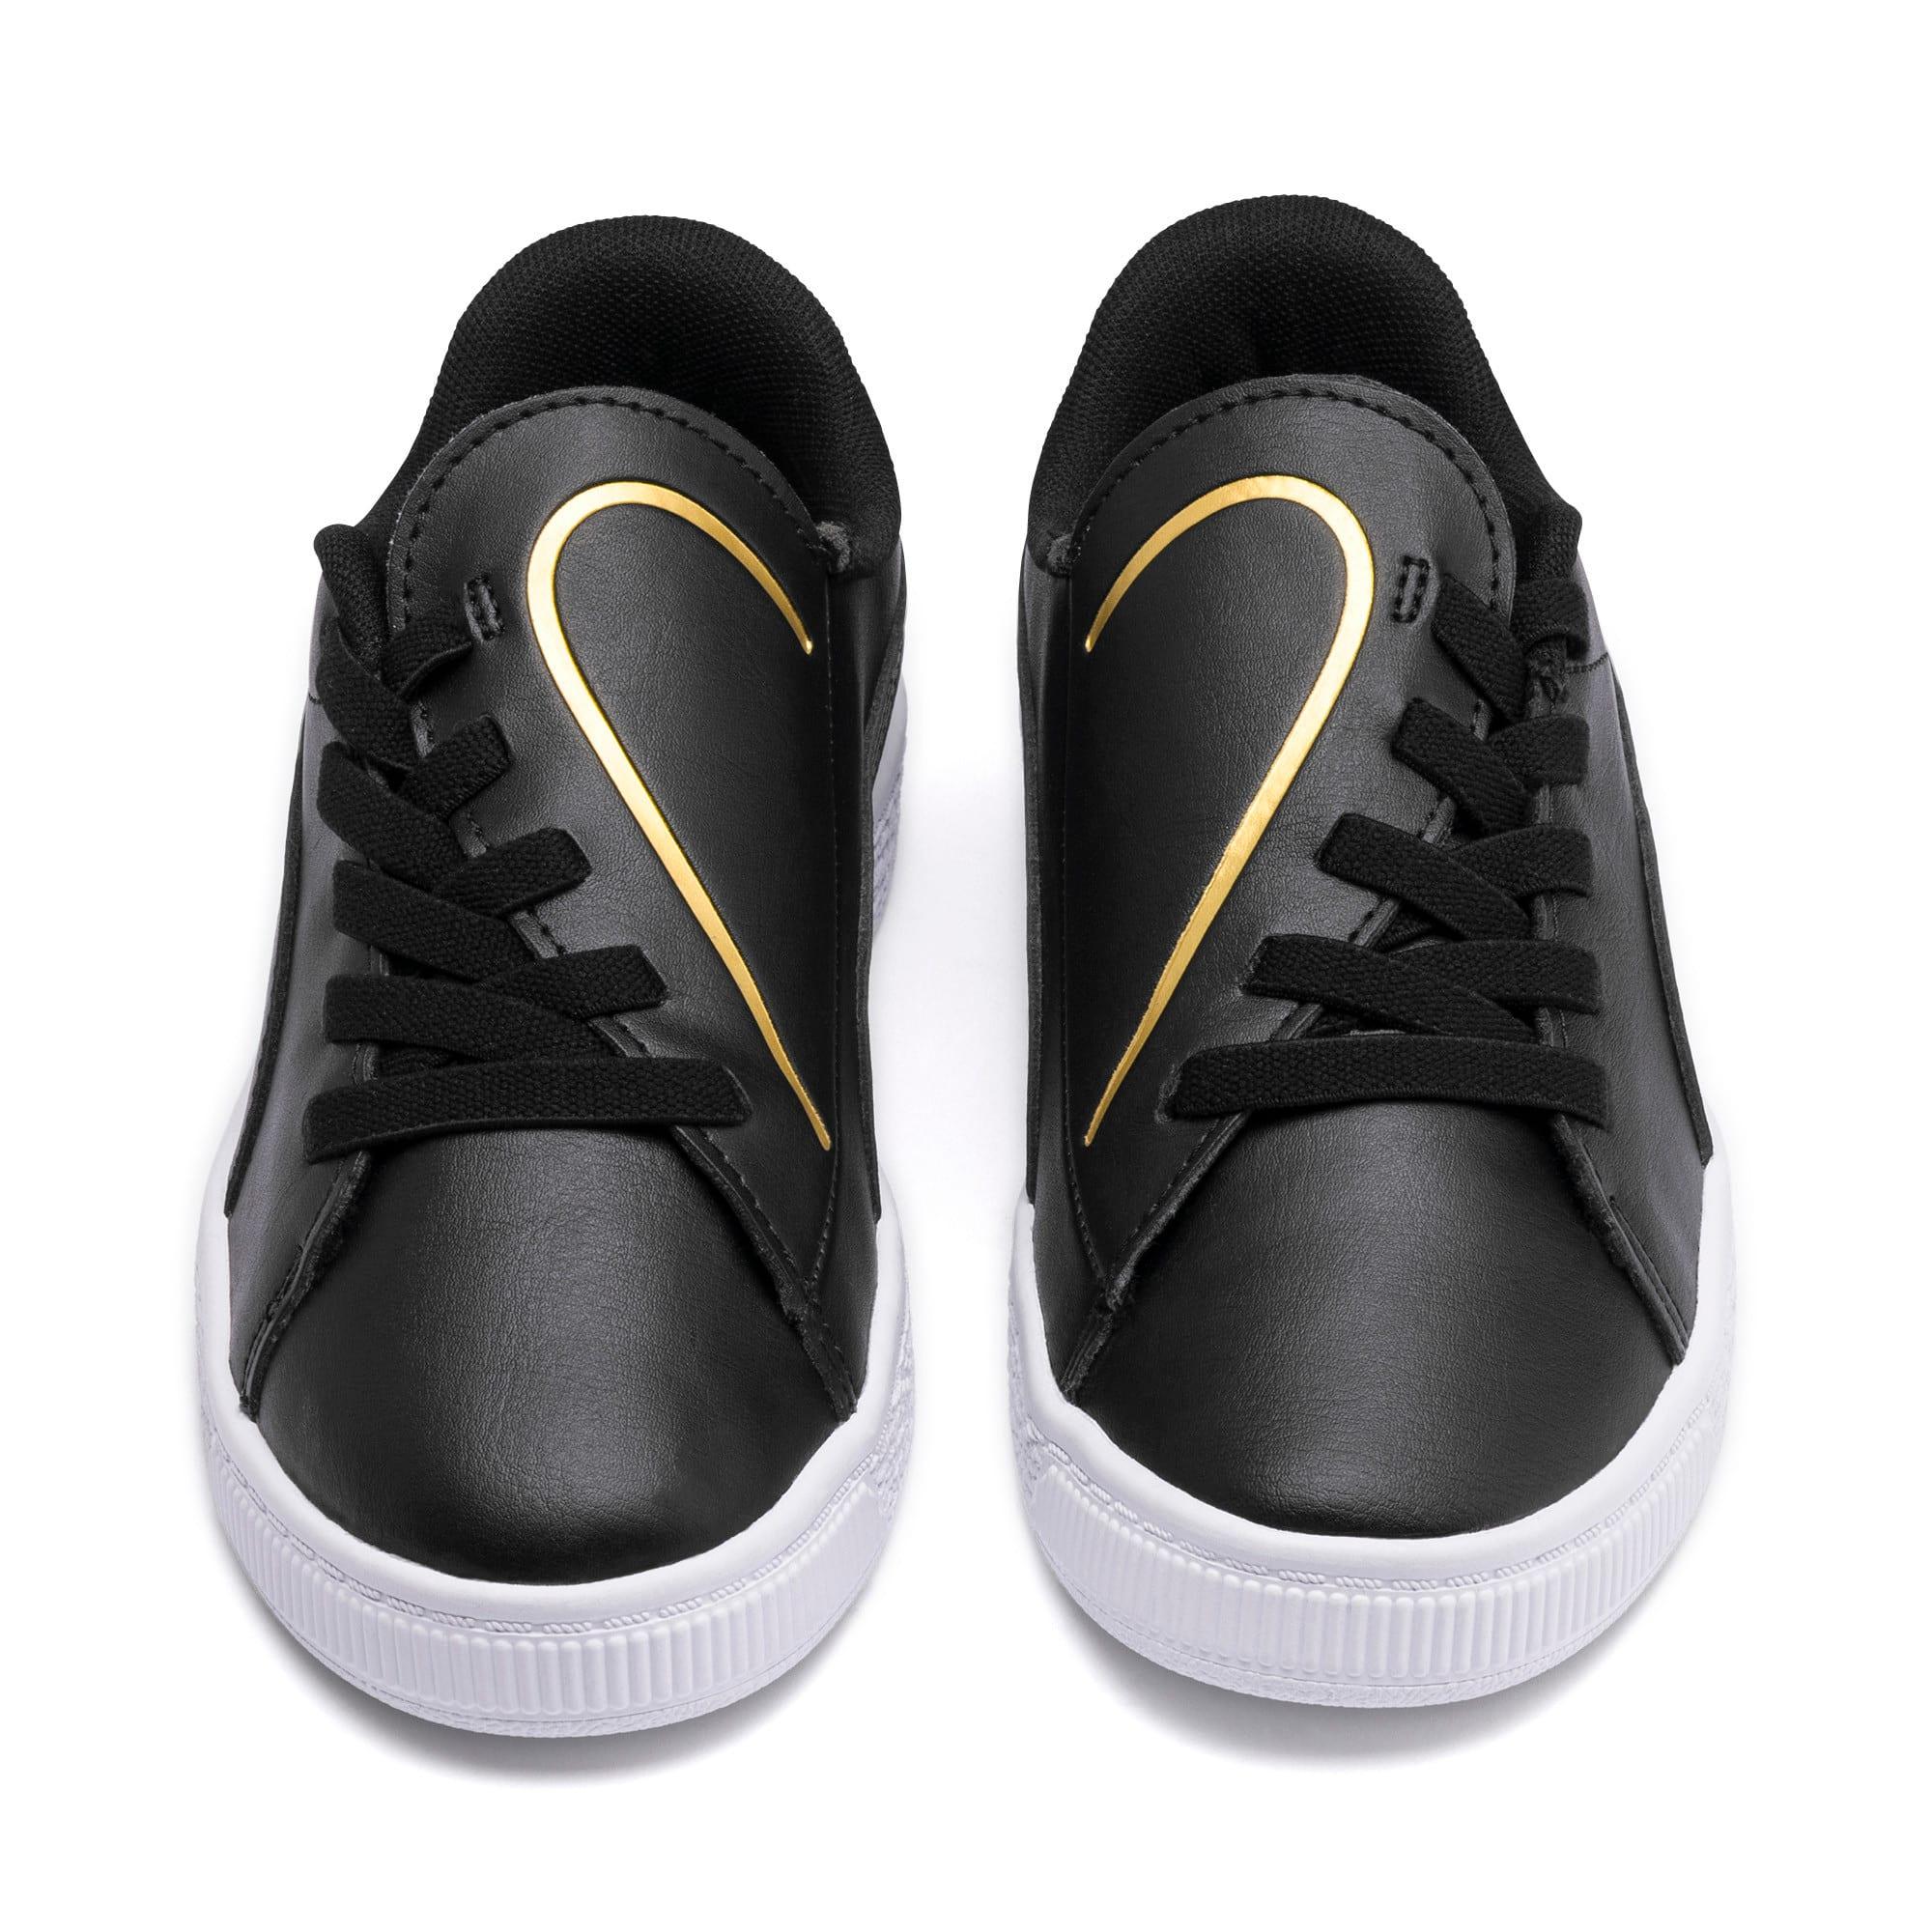 Miniatura 7 de Zapatos Basket Crush AC para niños, Puma Black-Puma Team Gold, mediano